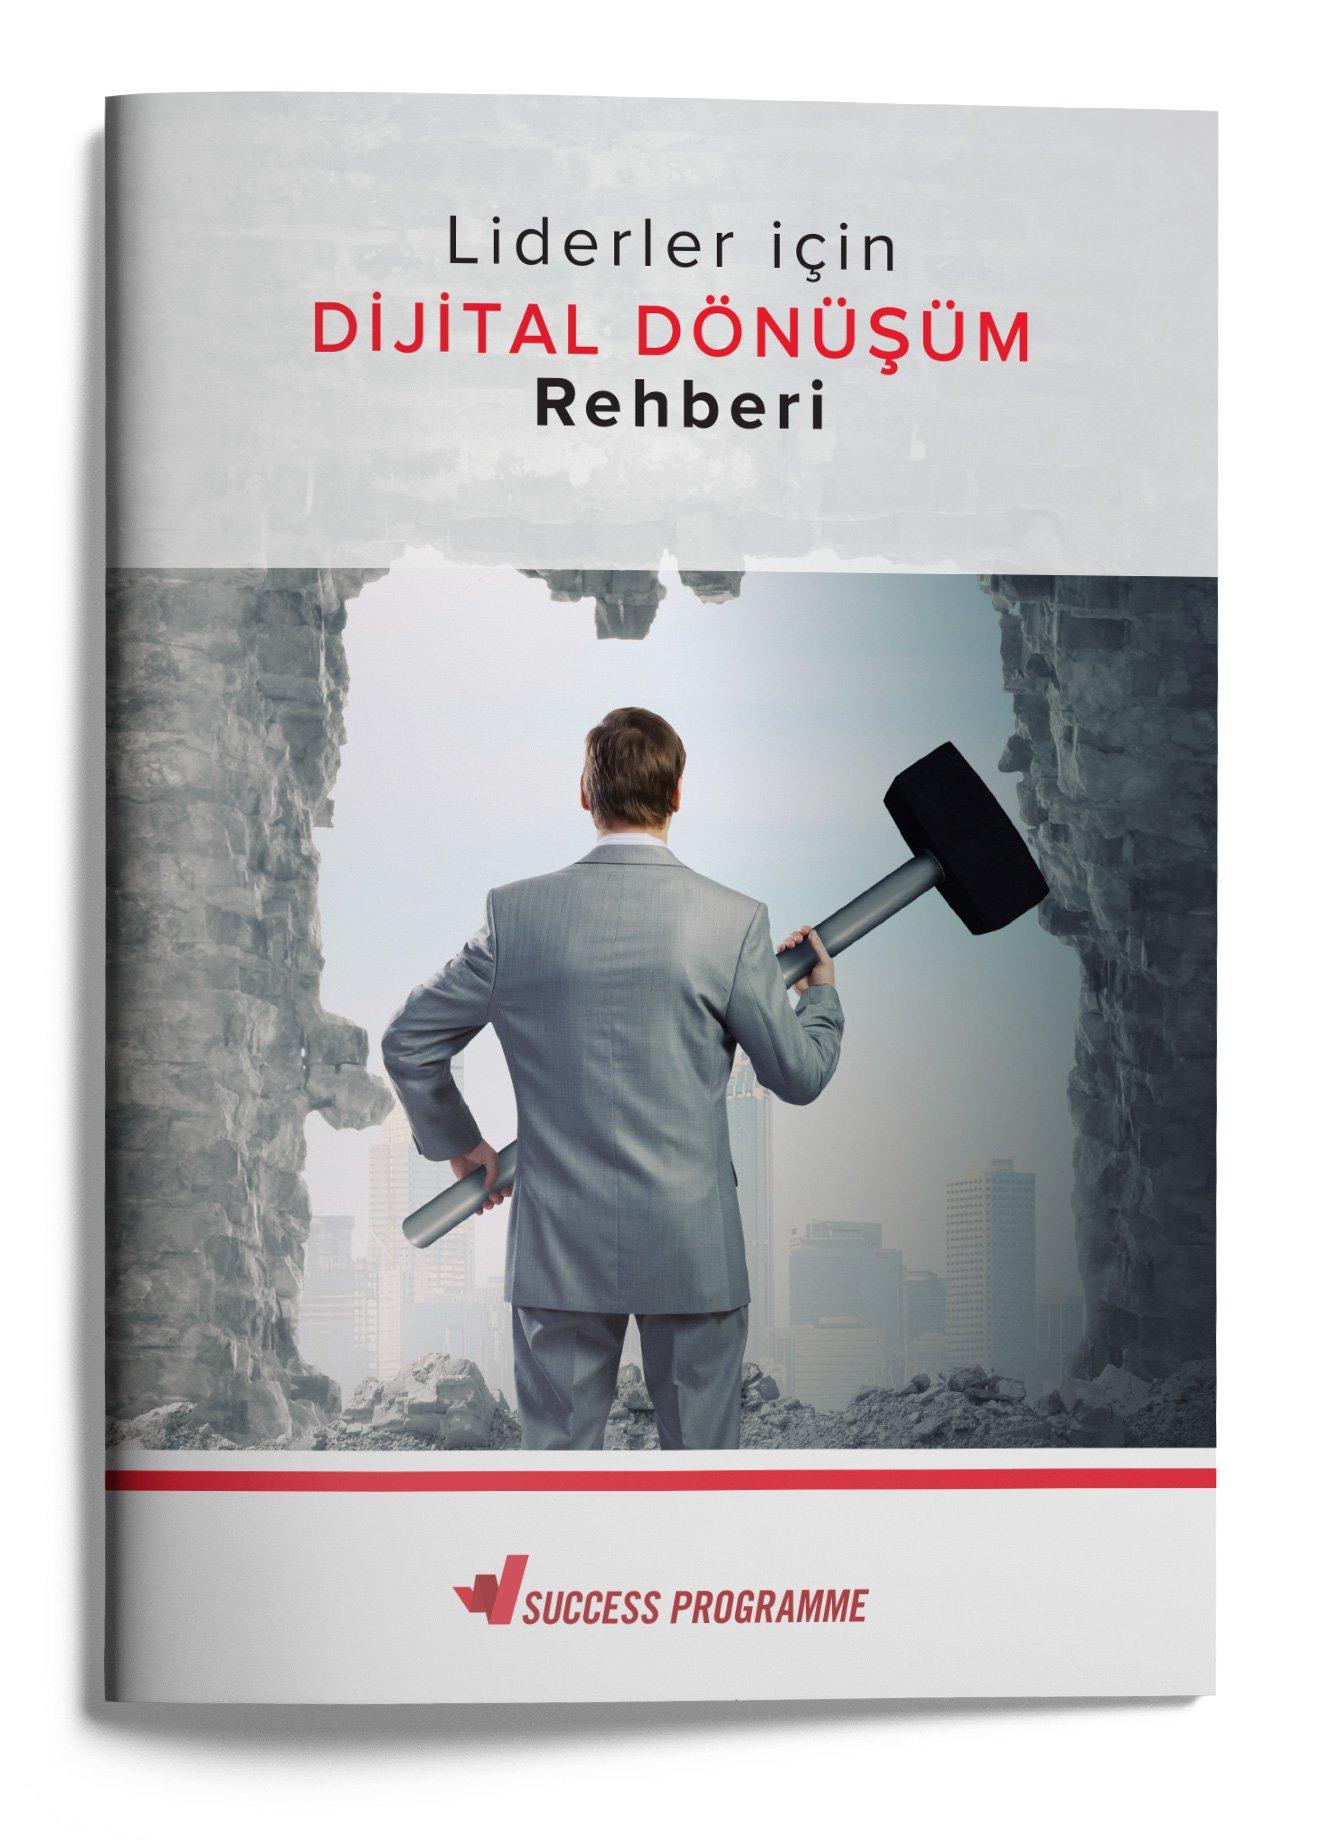 liderler-icin-dijital-donusumu-anlama-rehberi